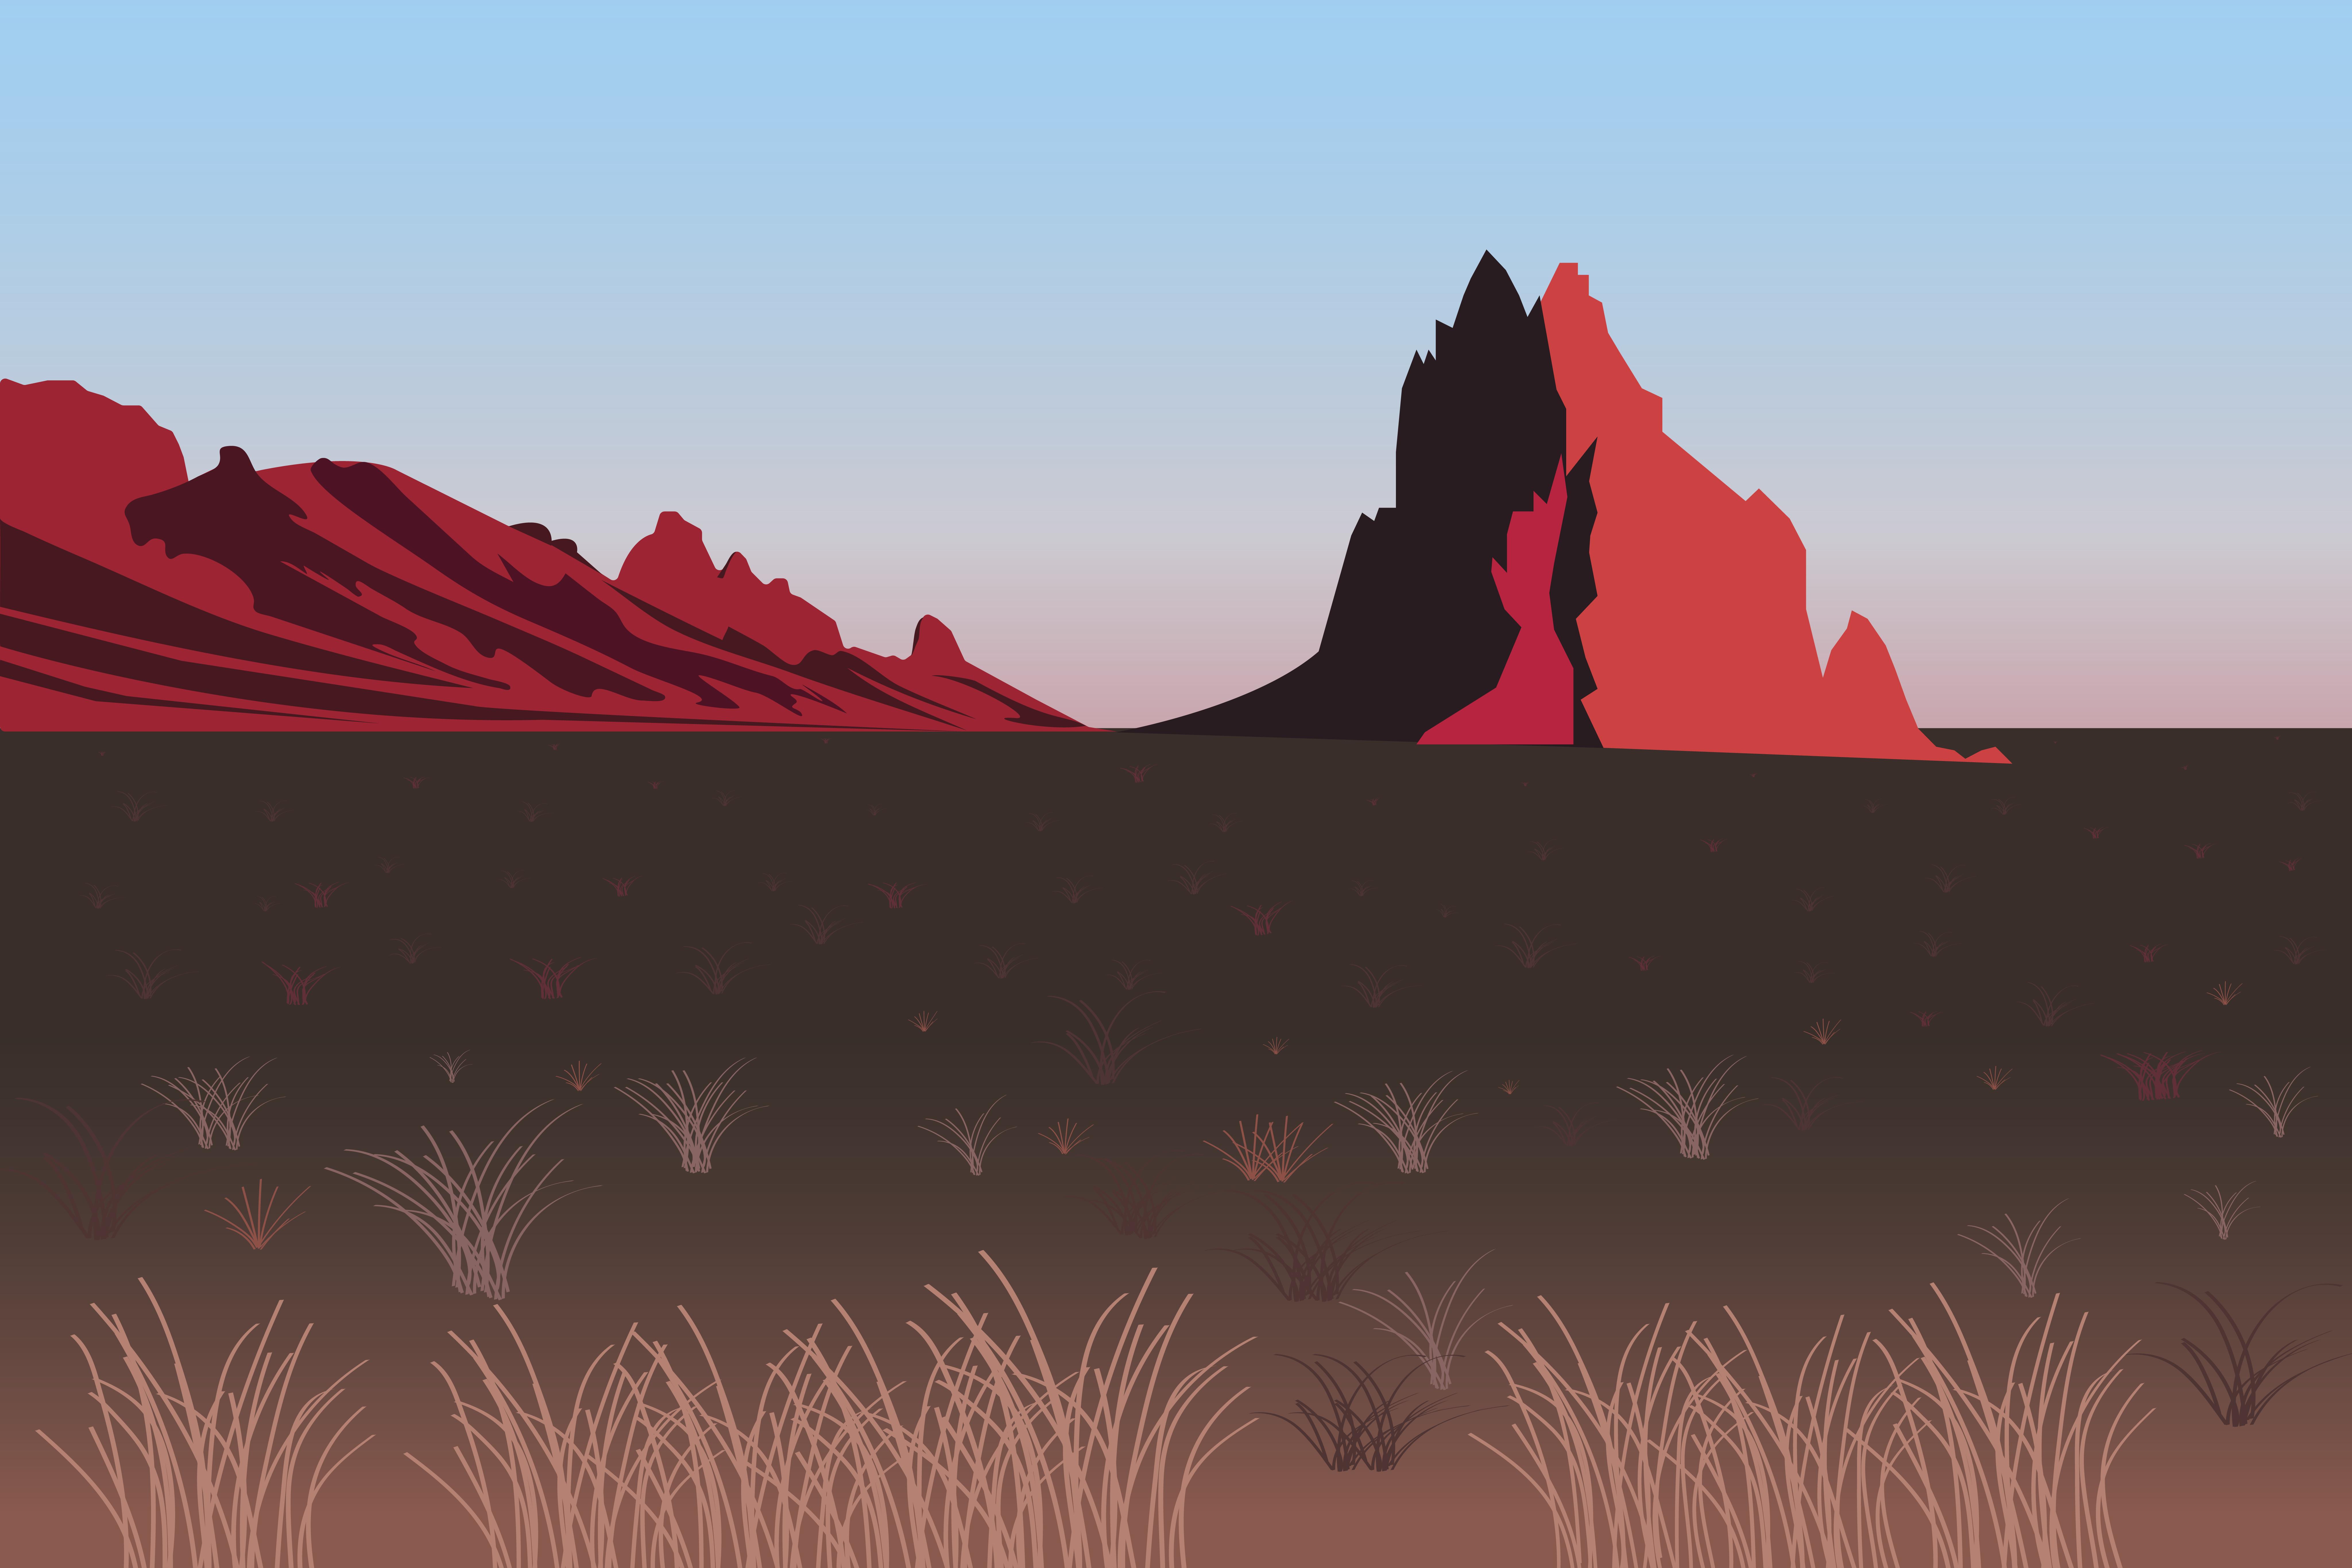 Illustrator landscape